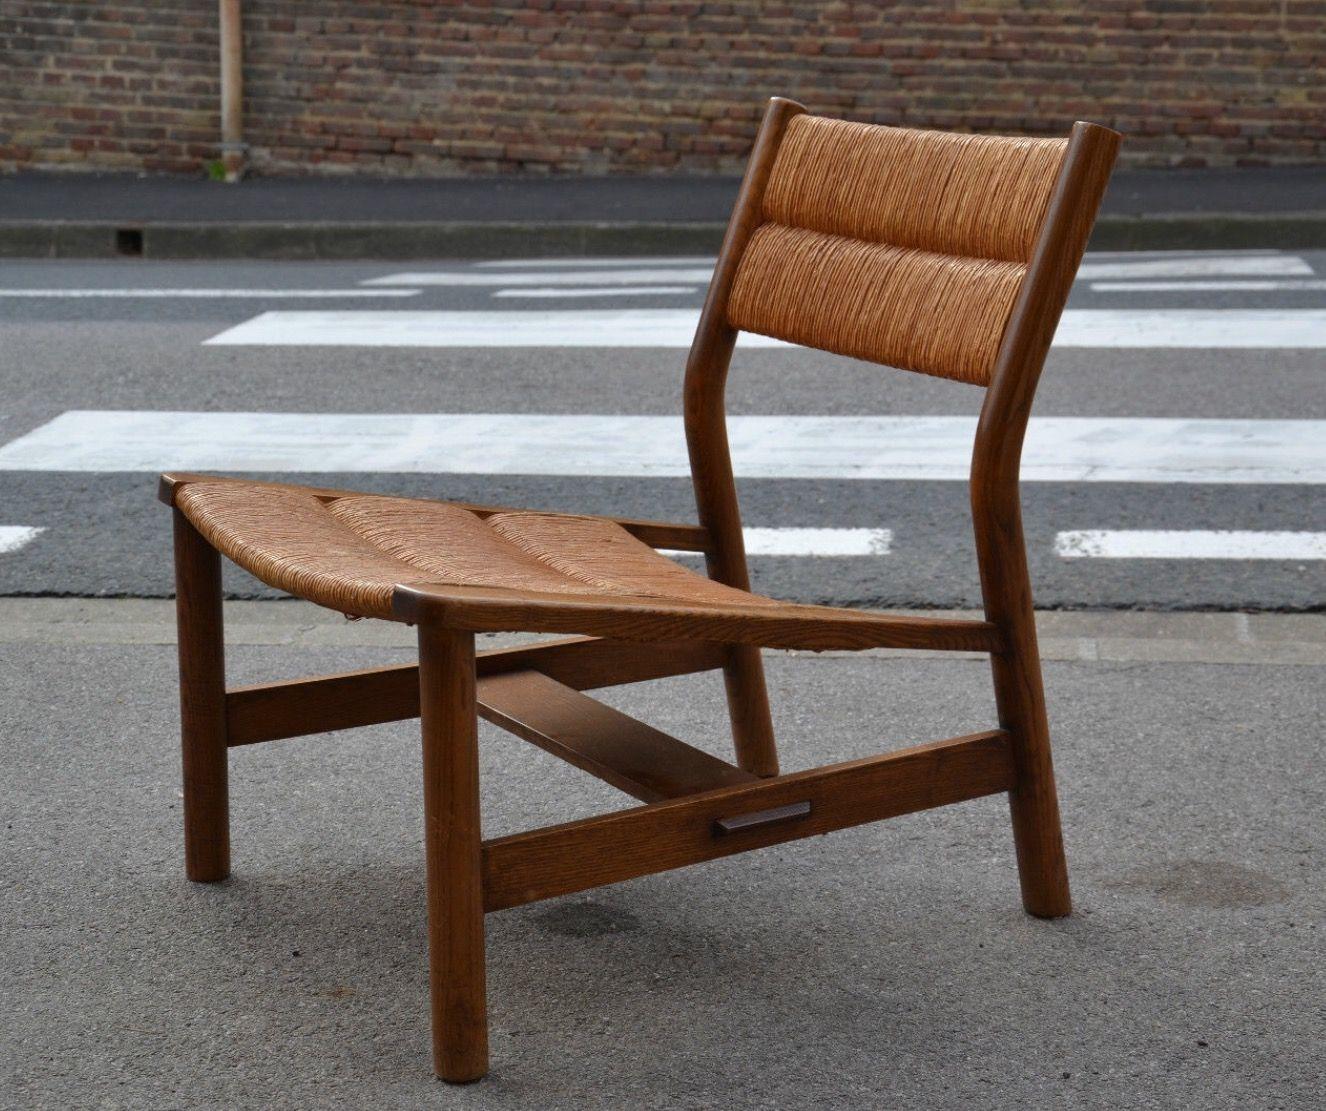 pierre gautier delaye fauteuil lounge chair week end 1956 bois et paille HT 70 cm x P 56 cm x L 58 cm. J'adore cette ligne élégante.